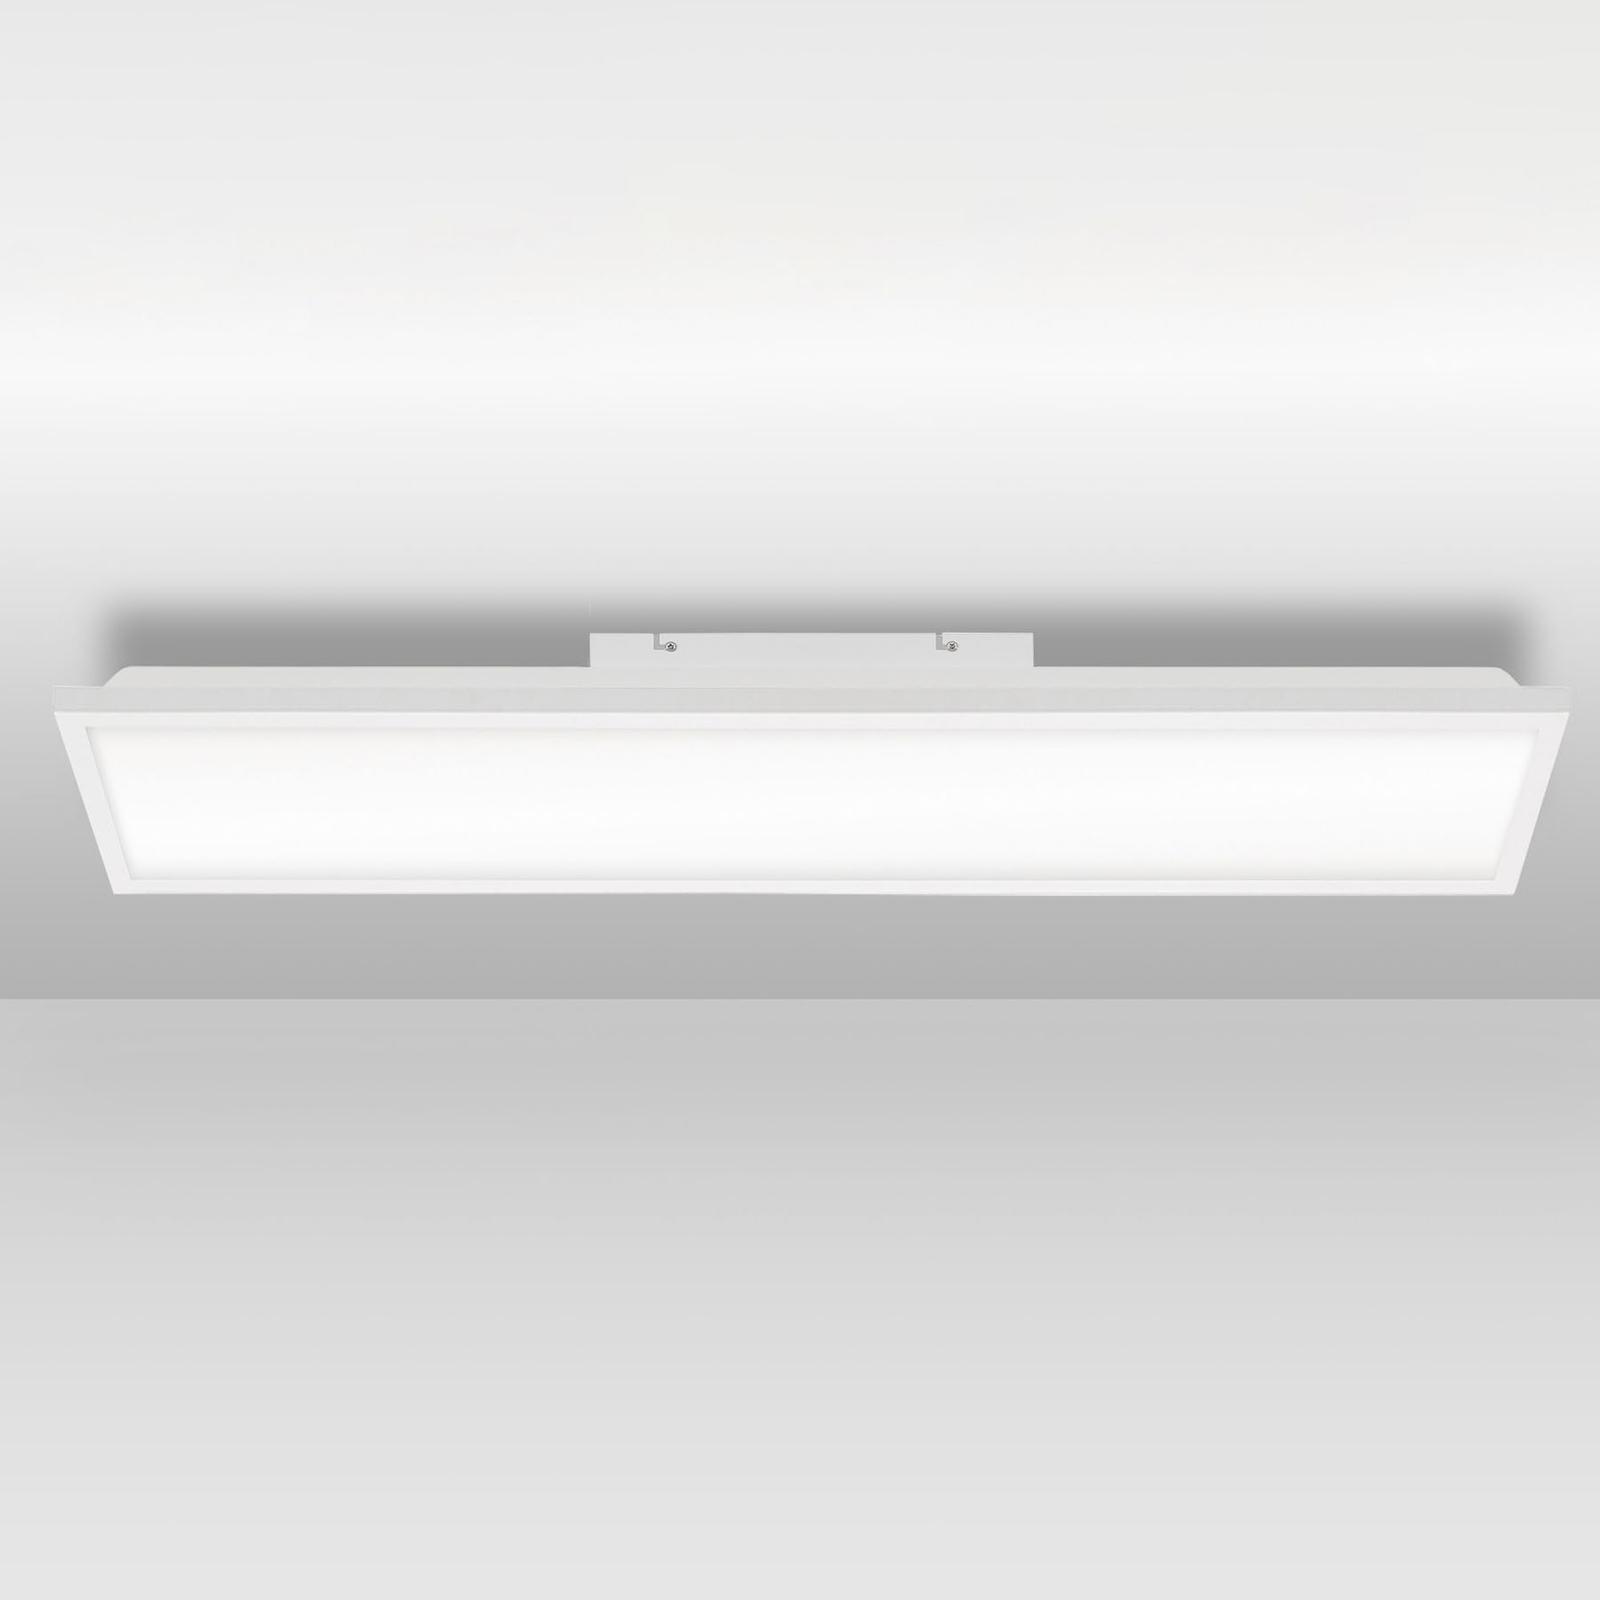 LED-Deckenlampe Link WiFi mit Fernbedienung